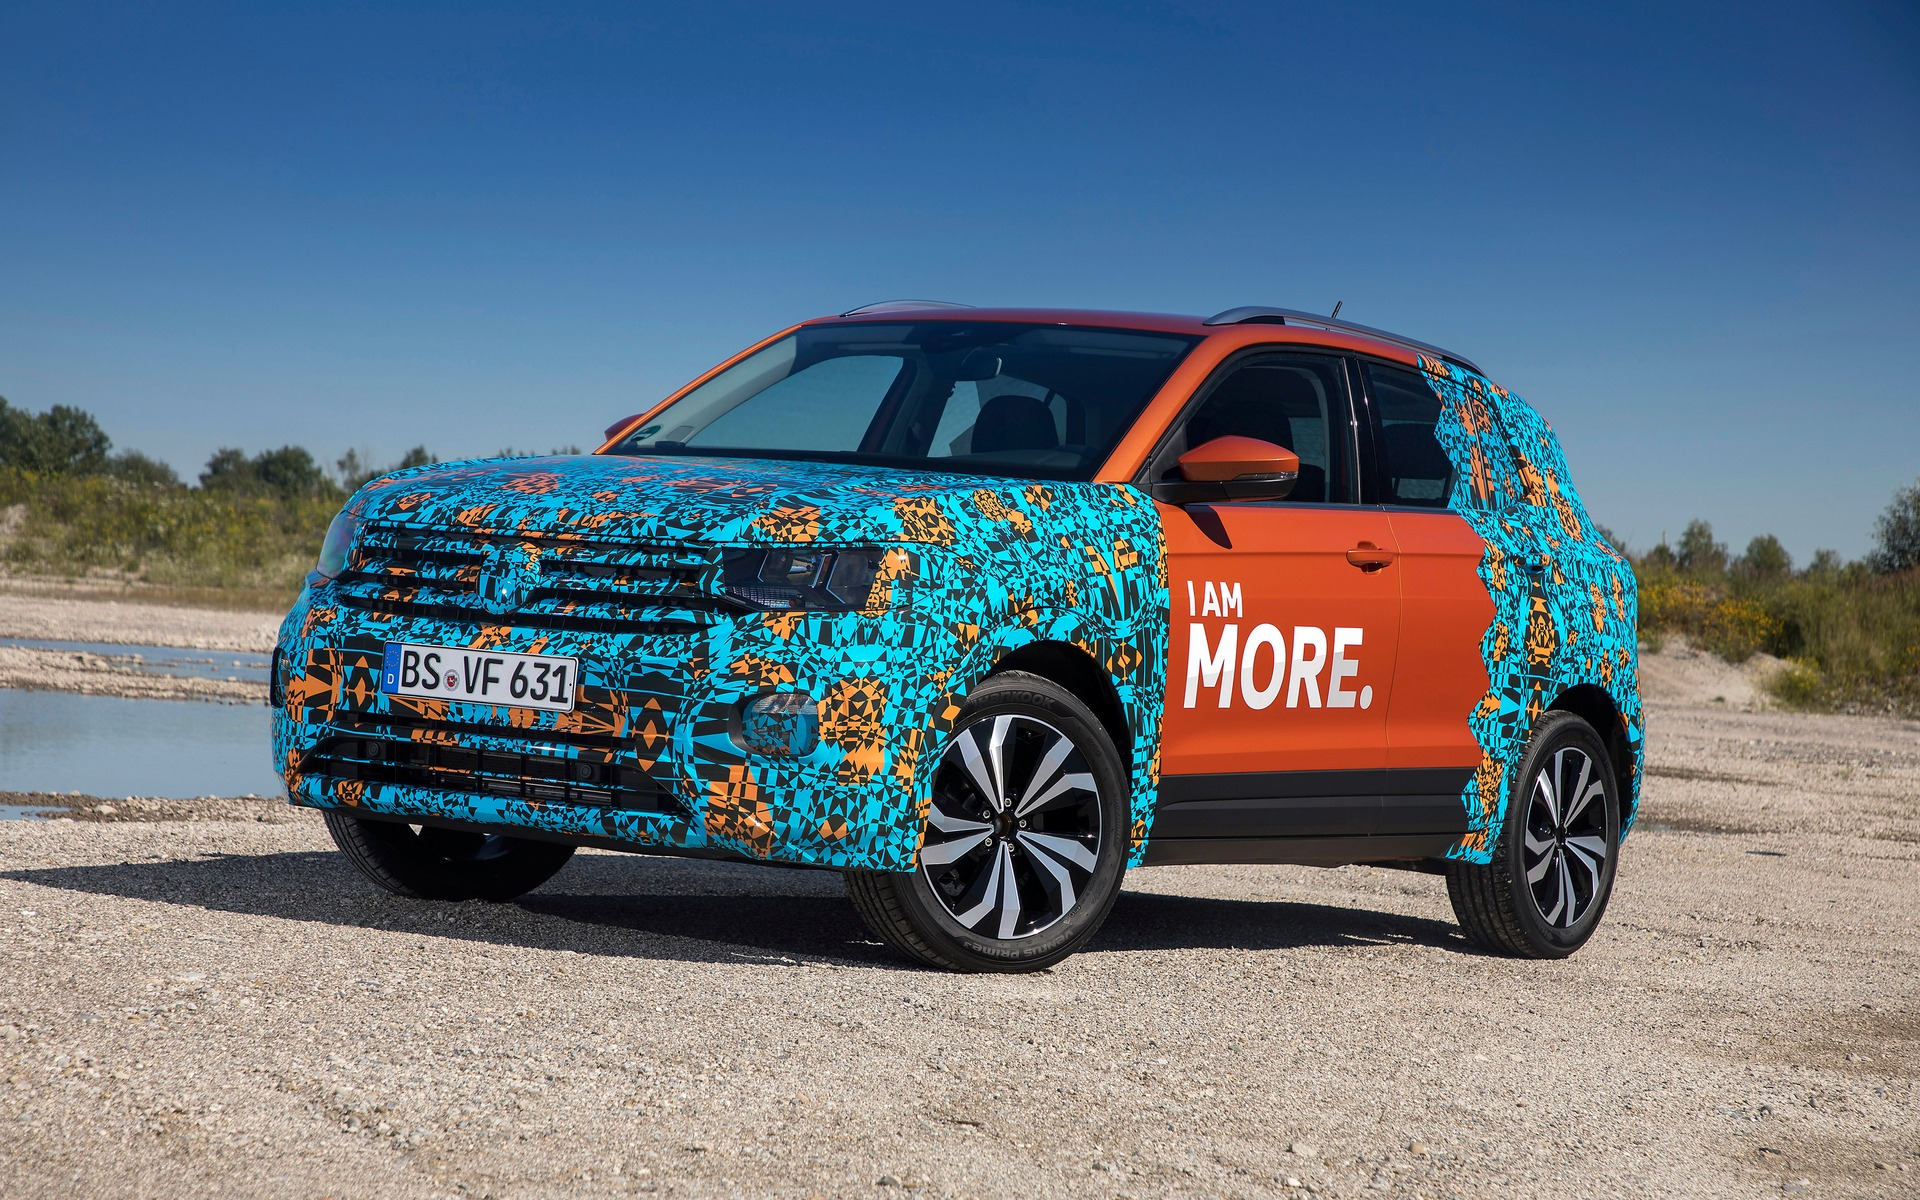 Prototype of the new Volkswagen T-Cross